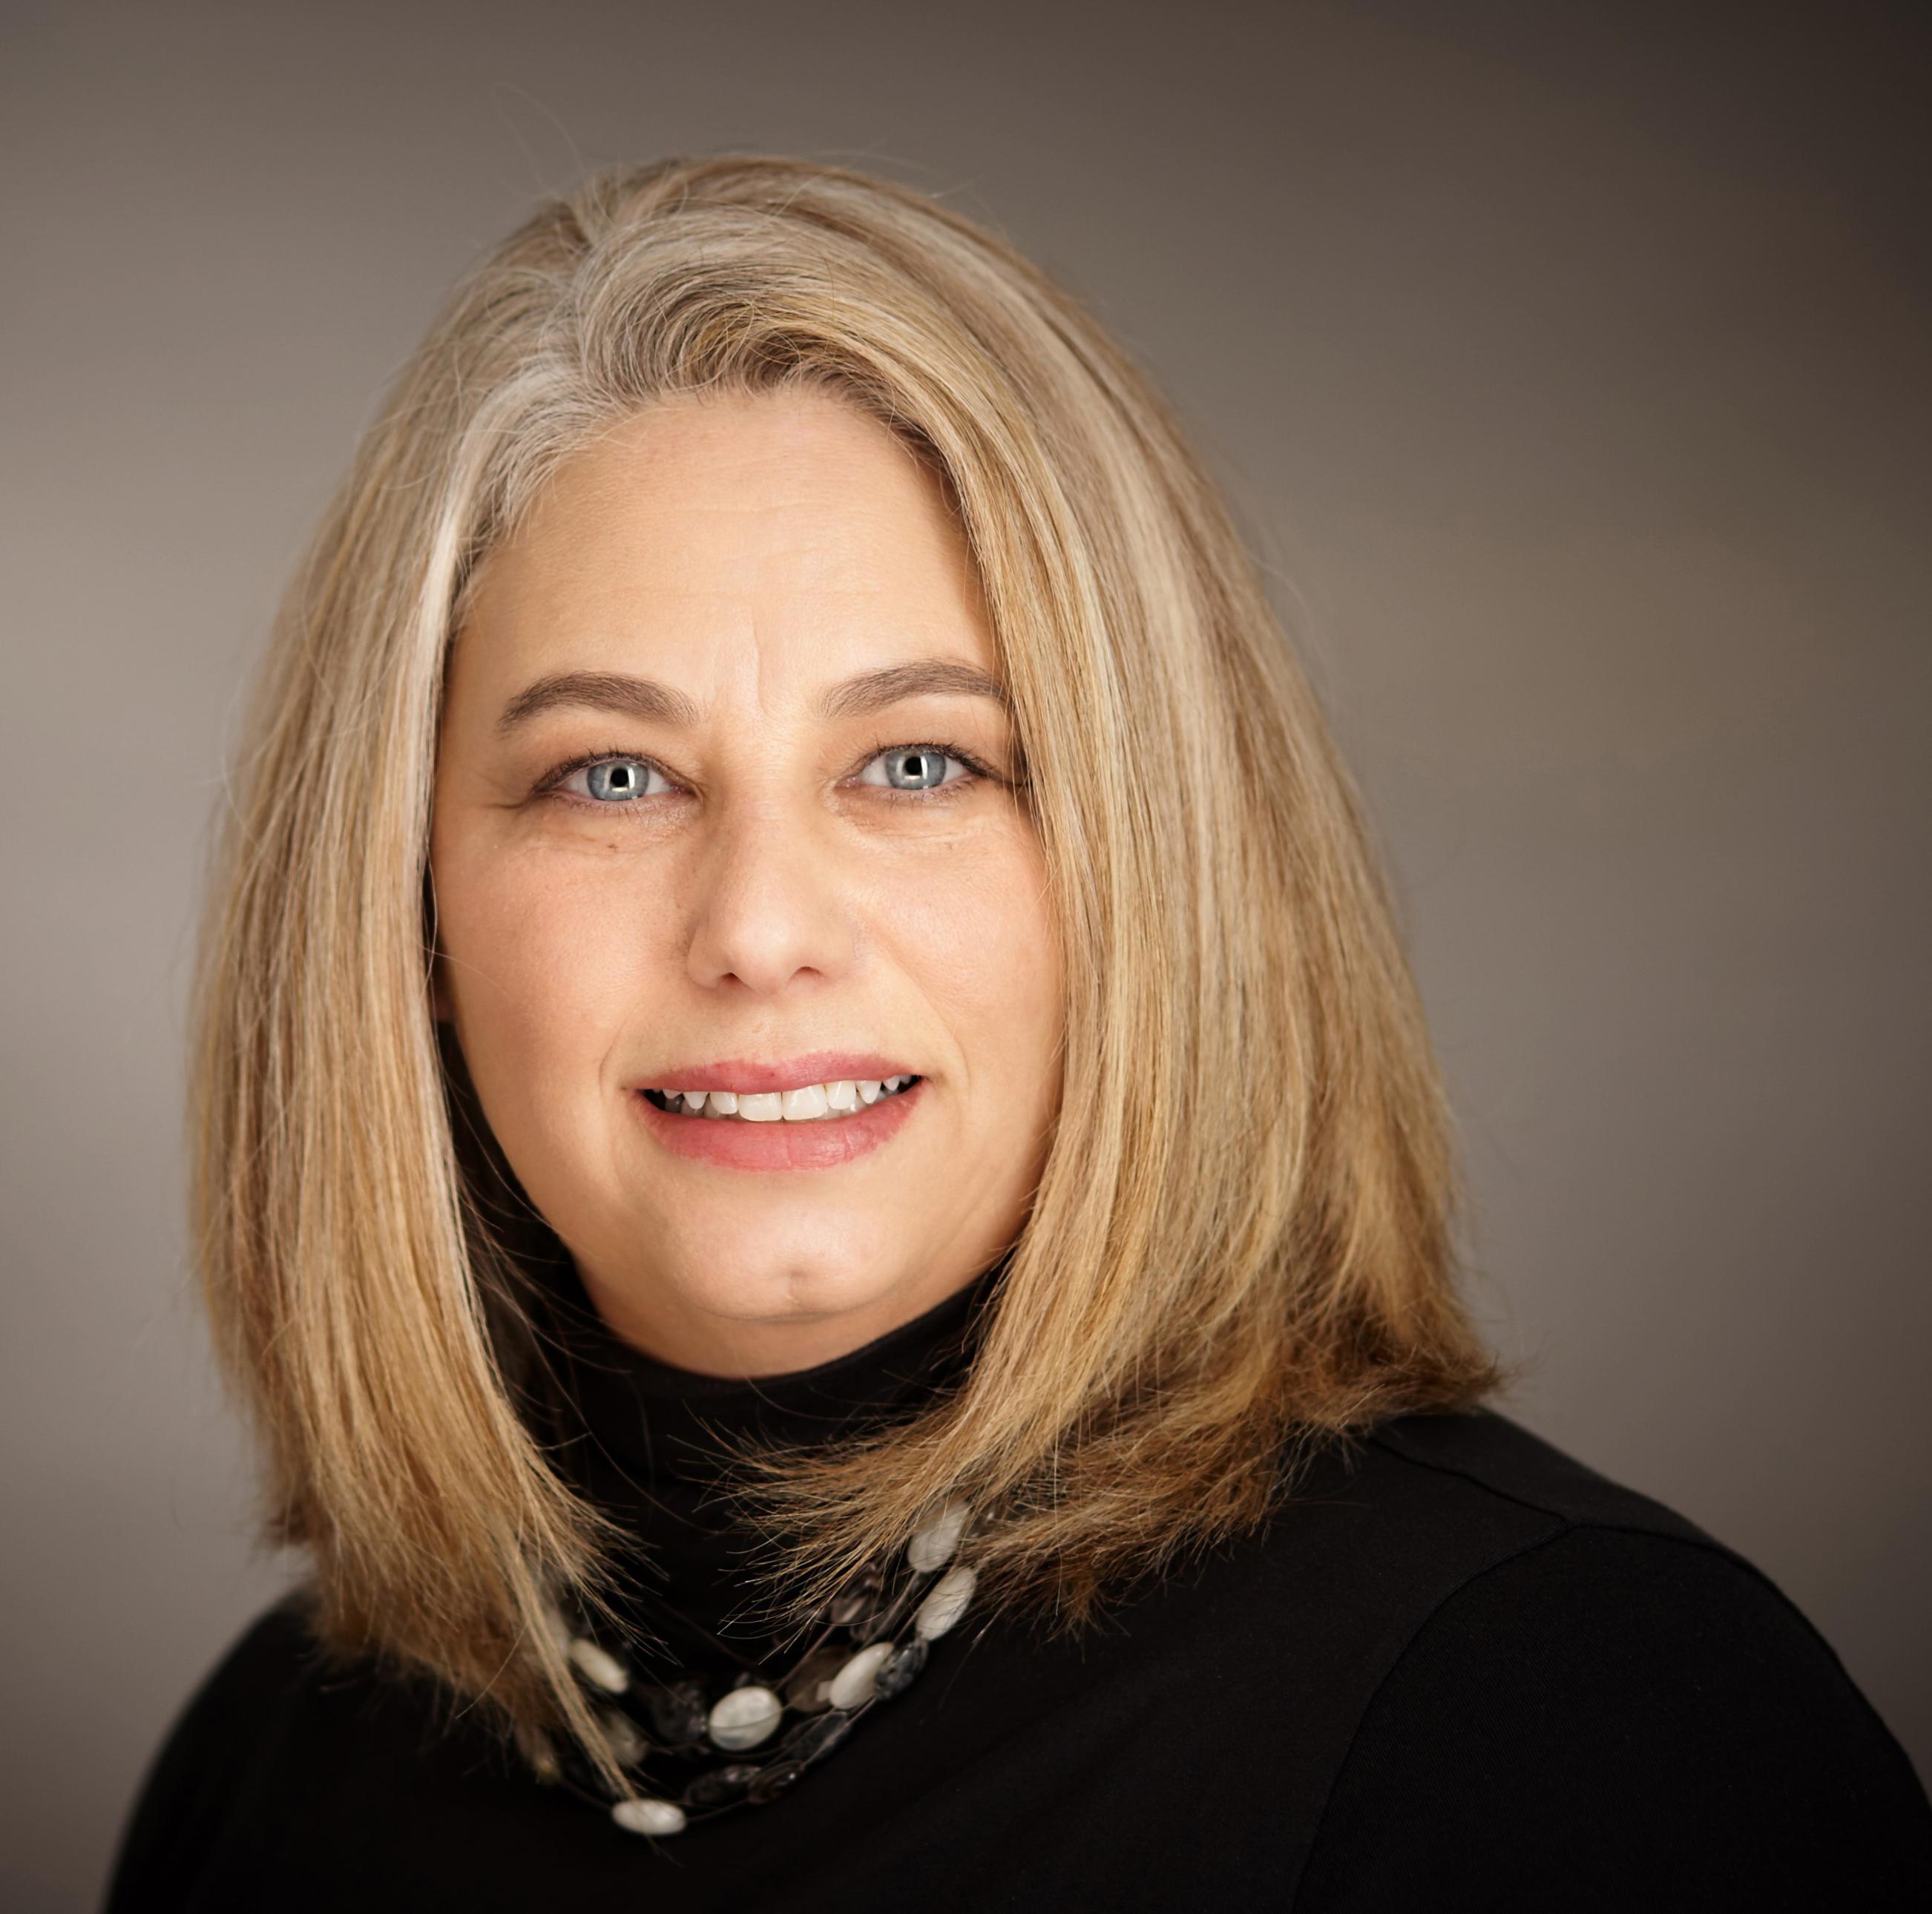 Angela Ireland